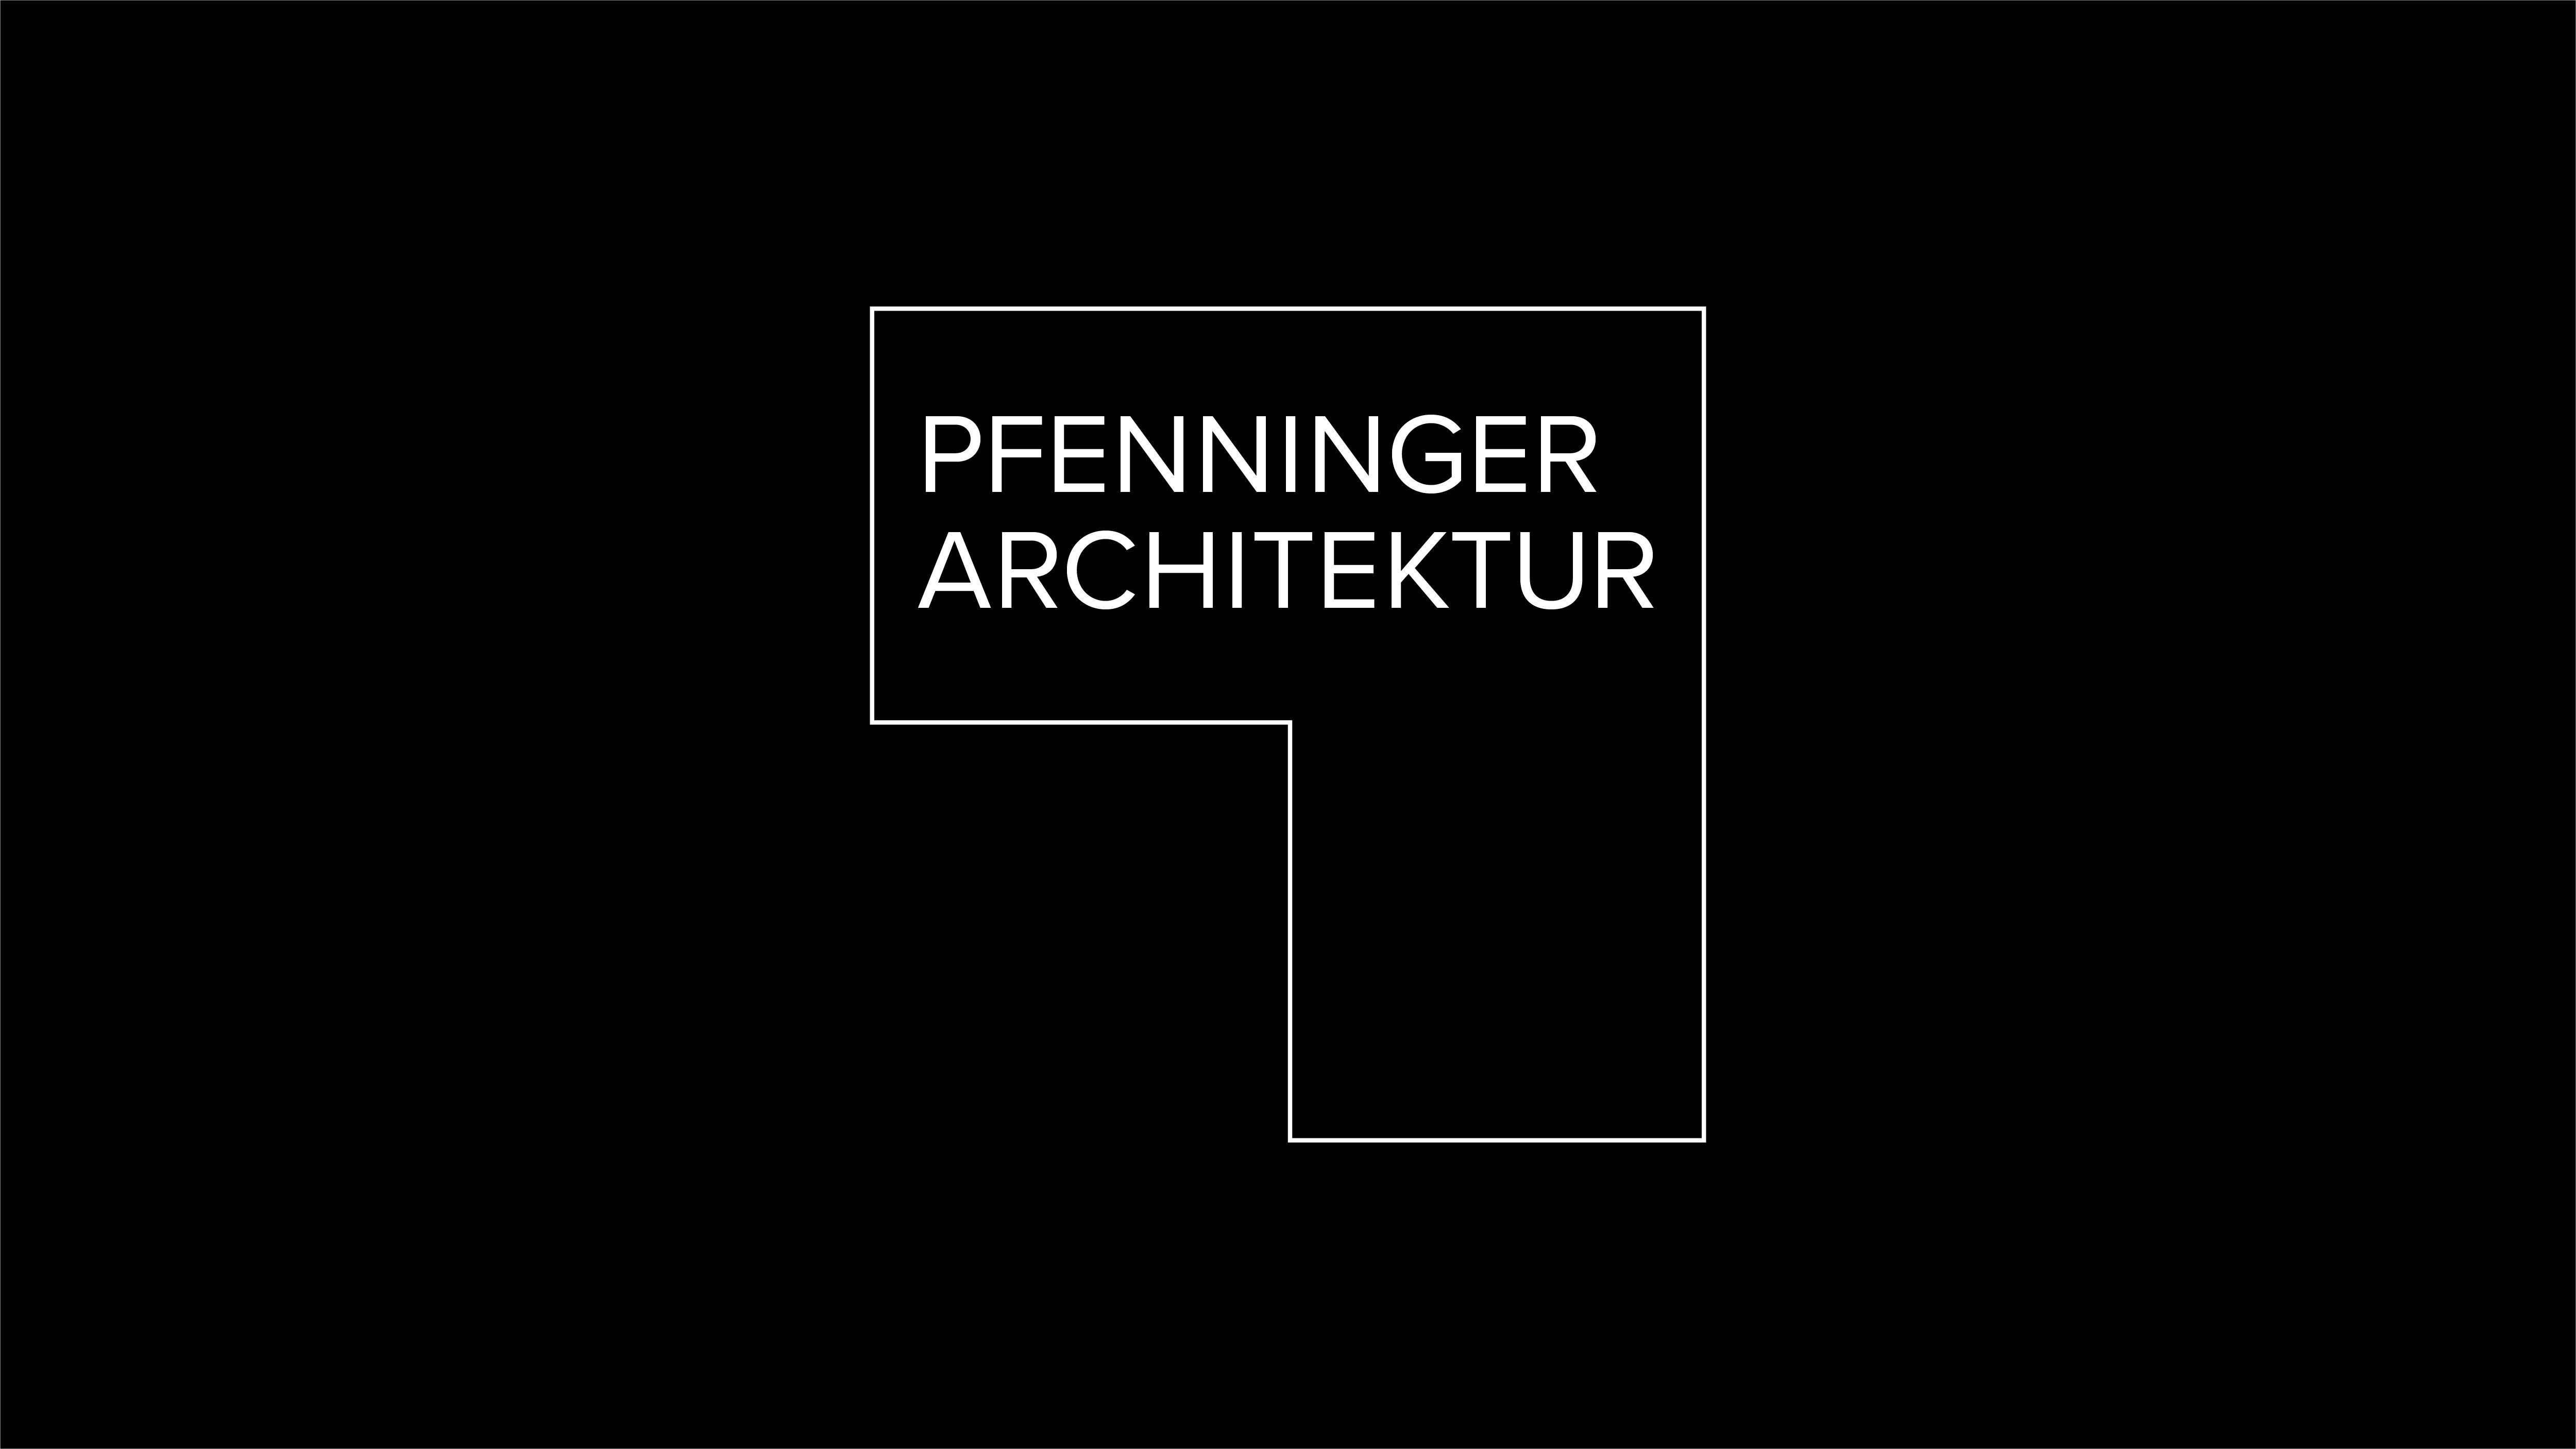 Pfenninger Architektur Logo, Brand Design, Logo Design, Michael Frei, Zurich, Switzerland.